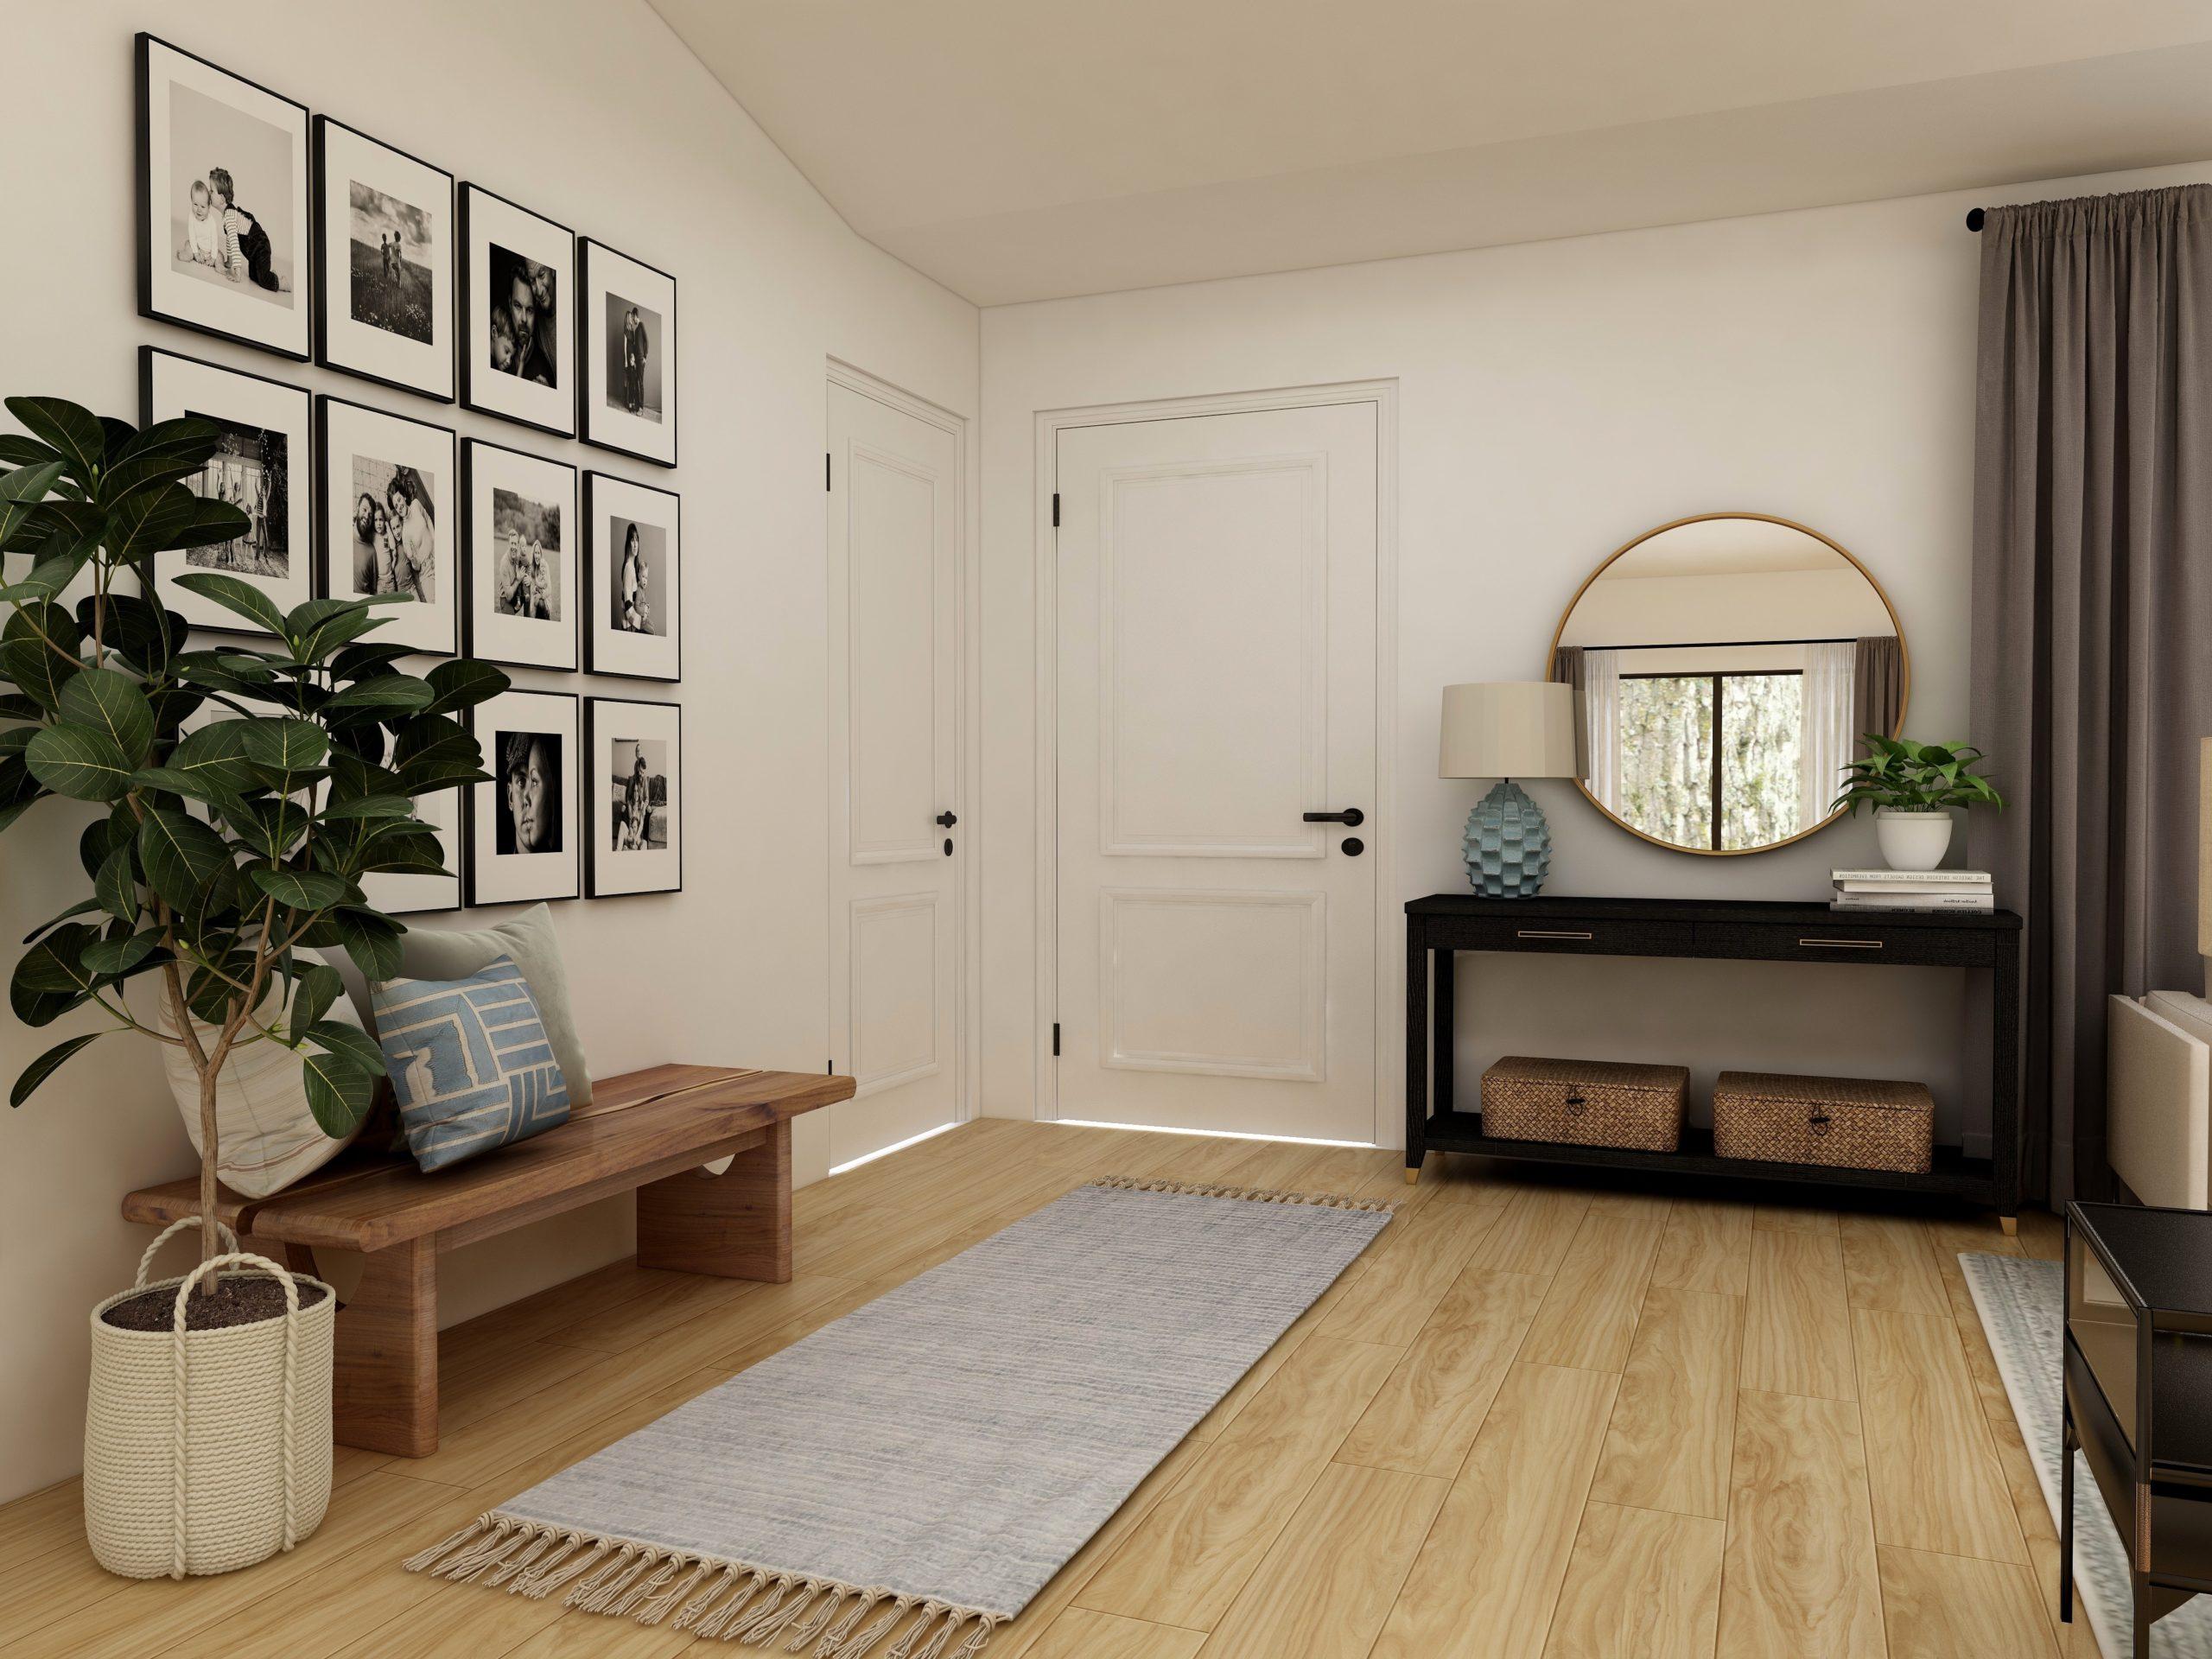 collov-home-design-xJ14RuLV9zI-unsplash